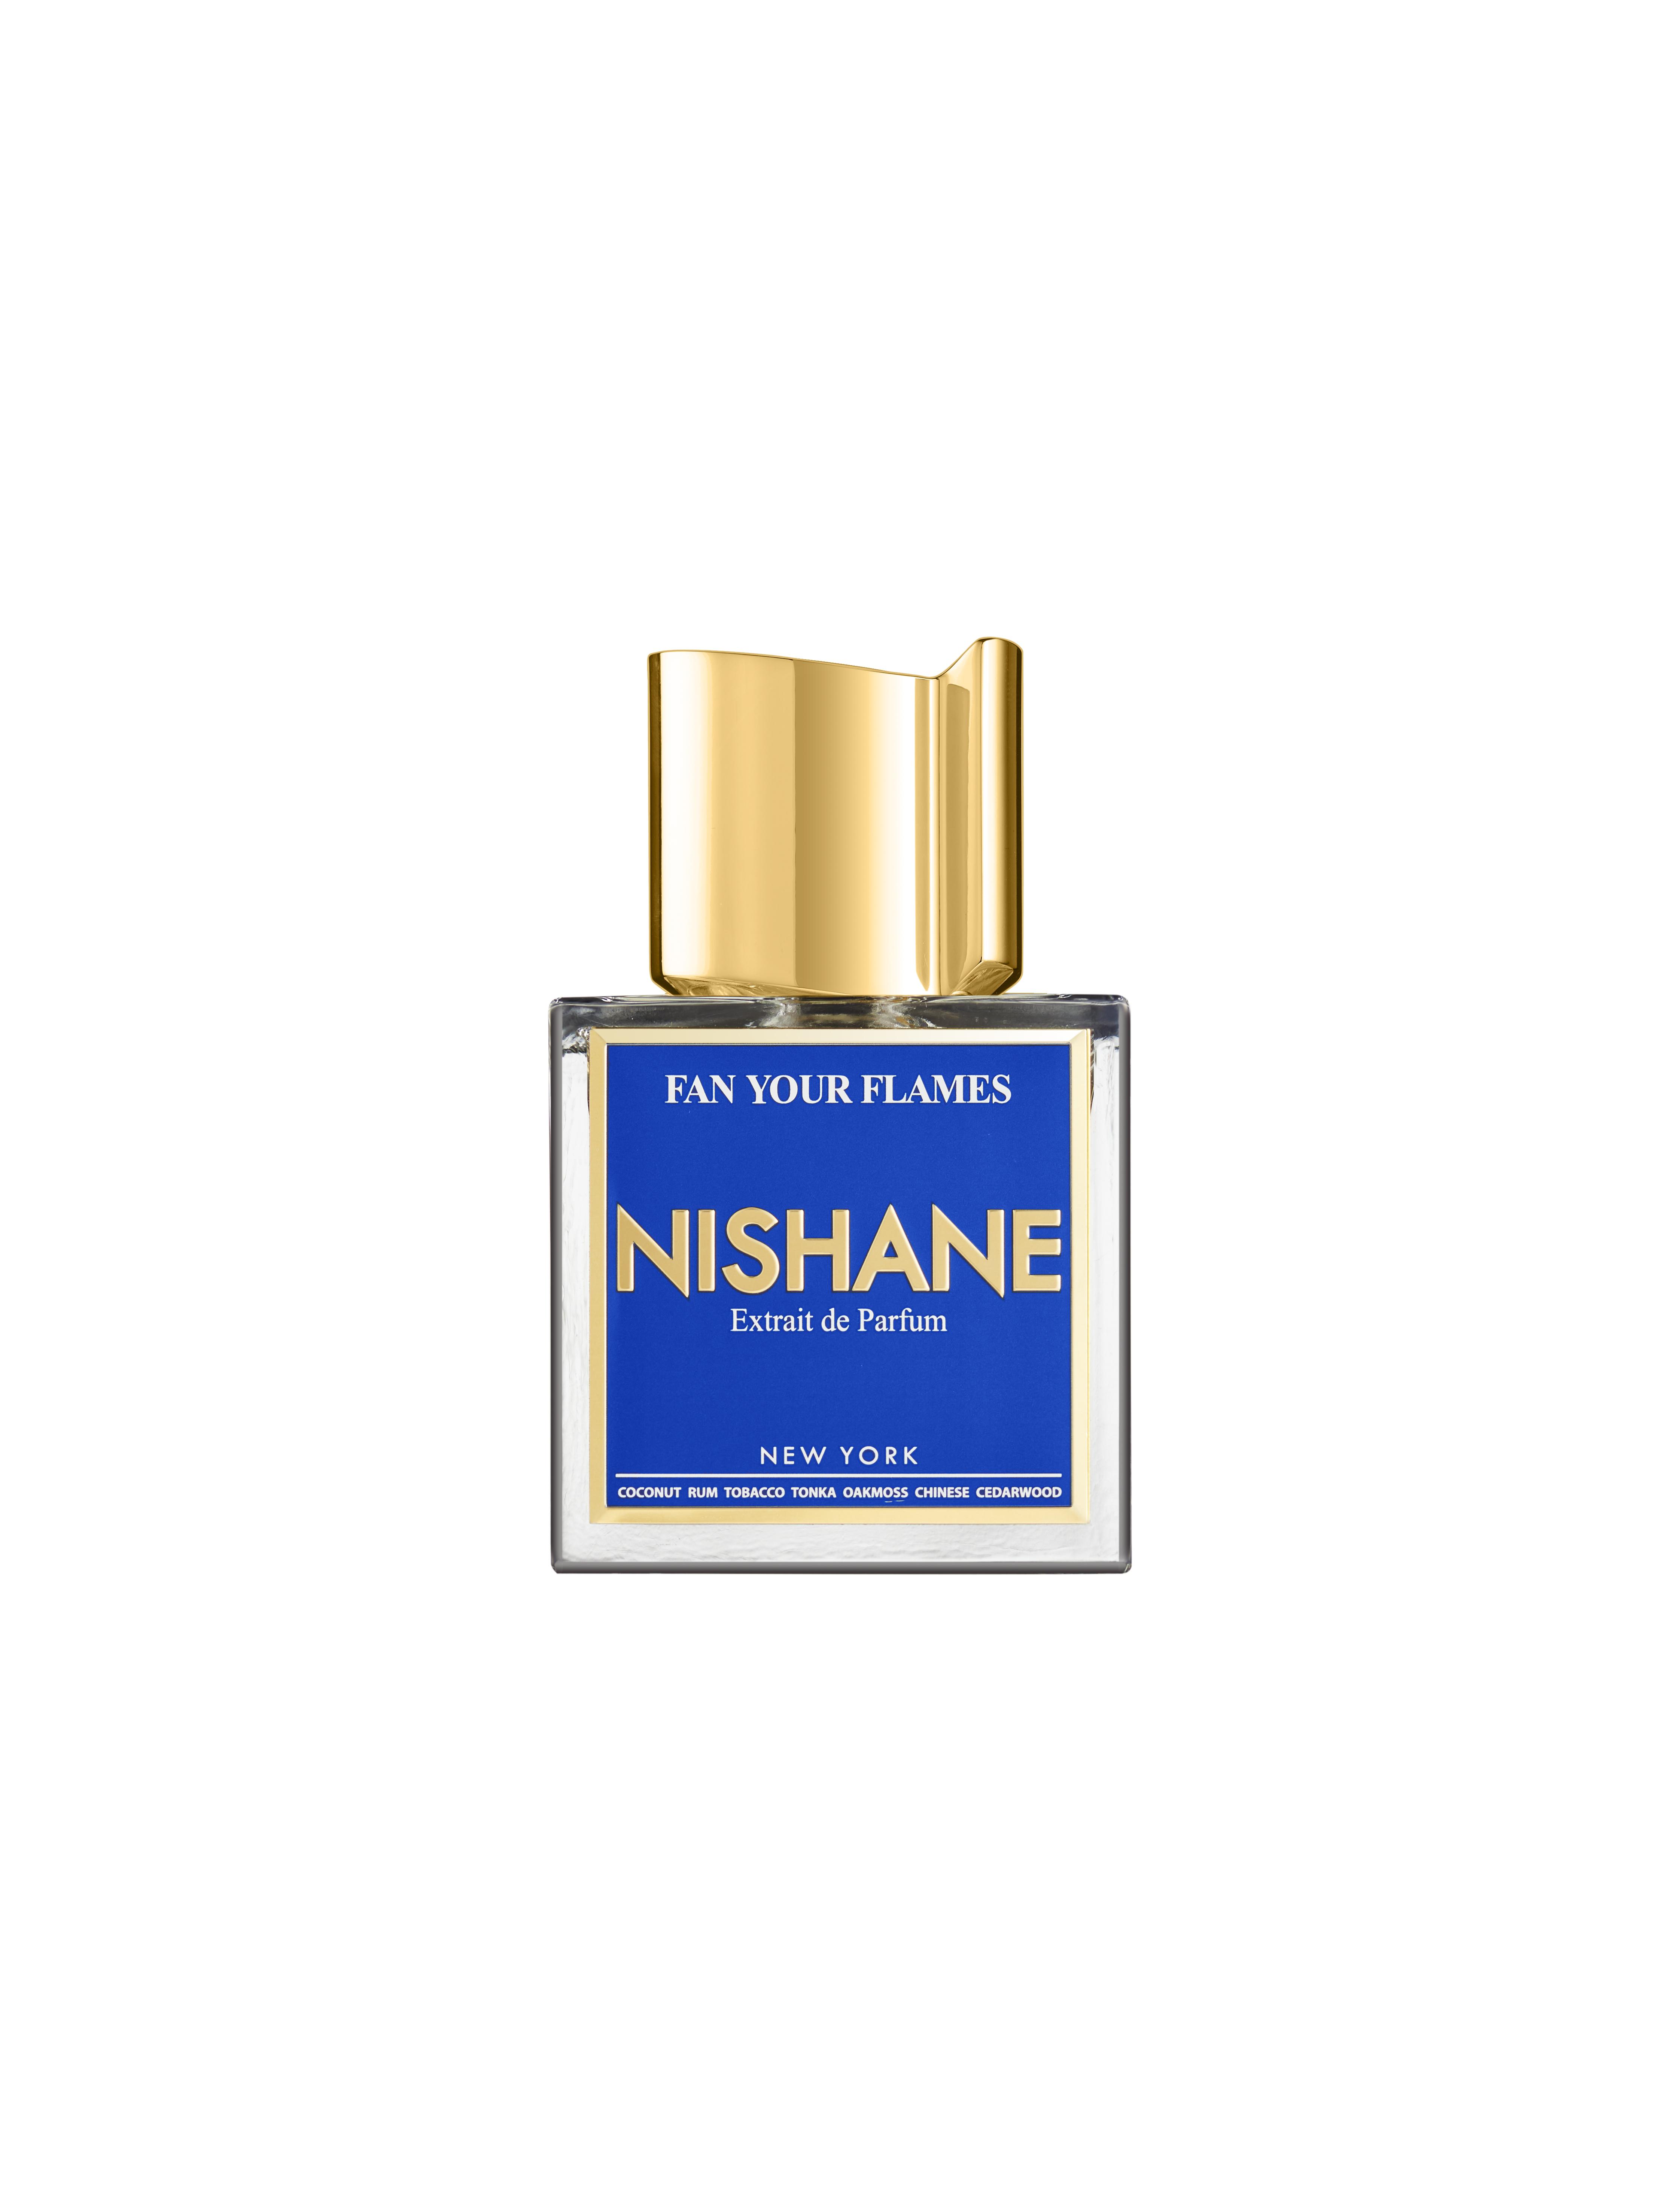 Nishane - Fan Your Flames - Extrait de Parfum 100 ml